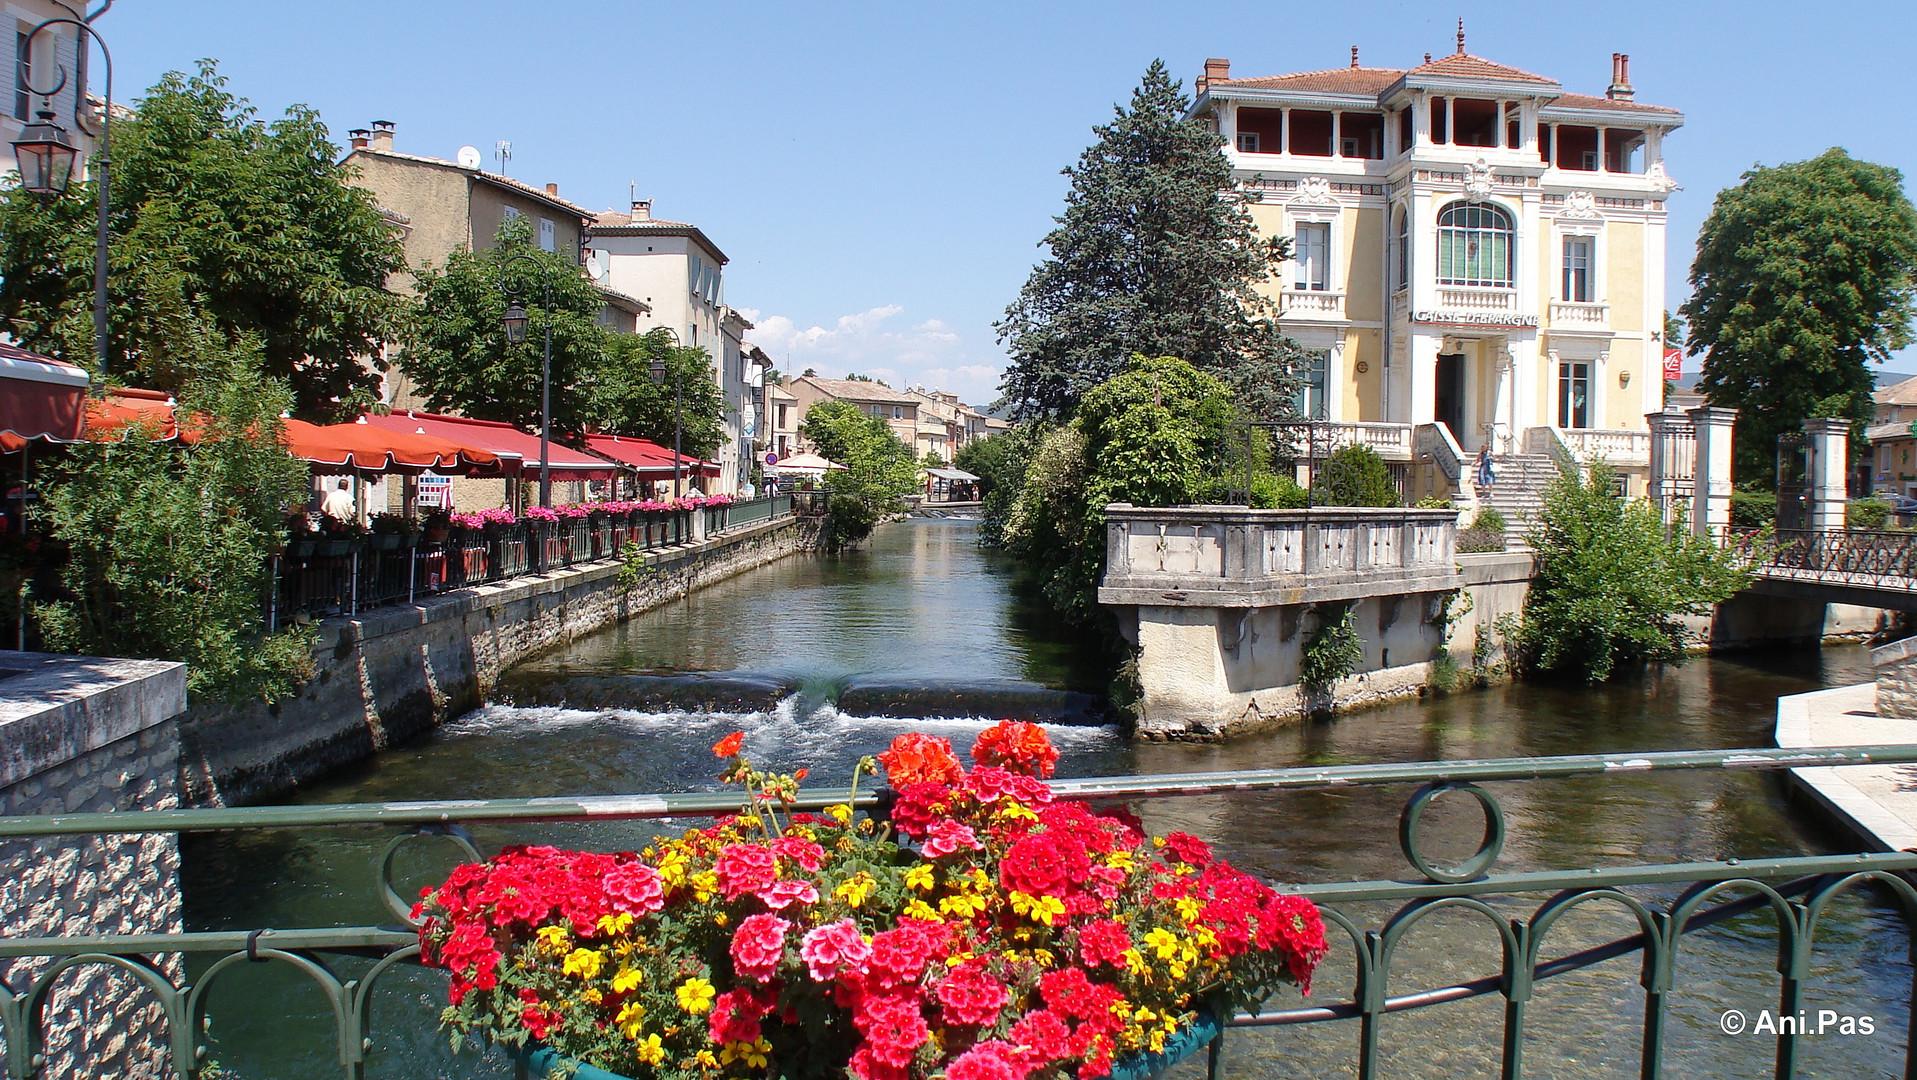 Sommertag L'Isle-sur-la-Sorgue Provence